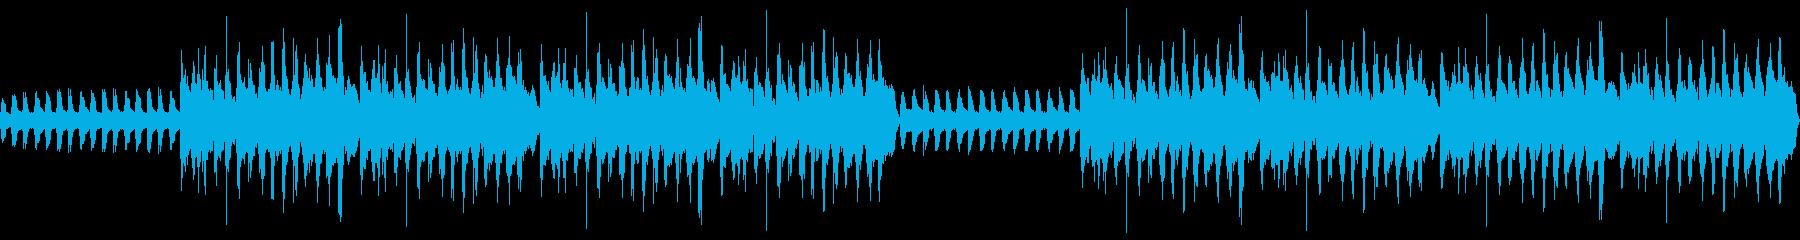 劇伴・コミカルなBGM:3の再生済みの波形